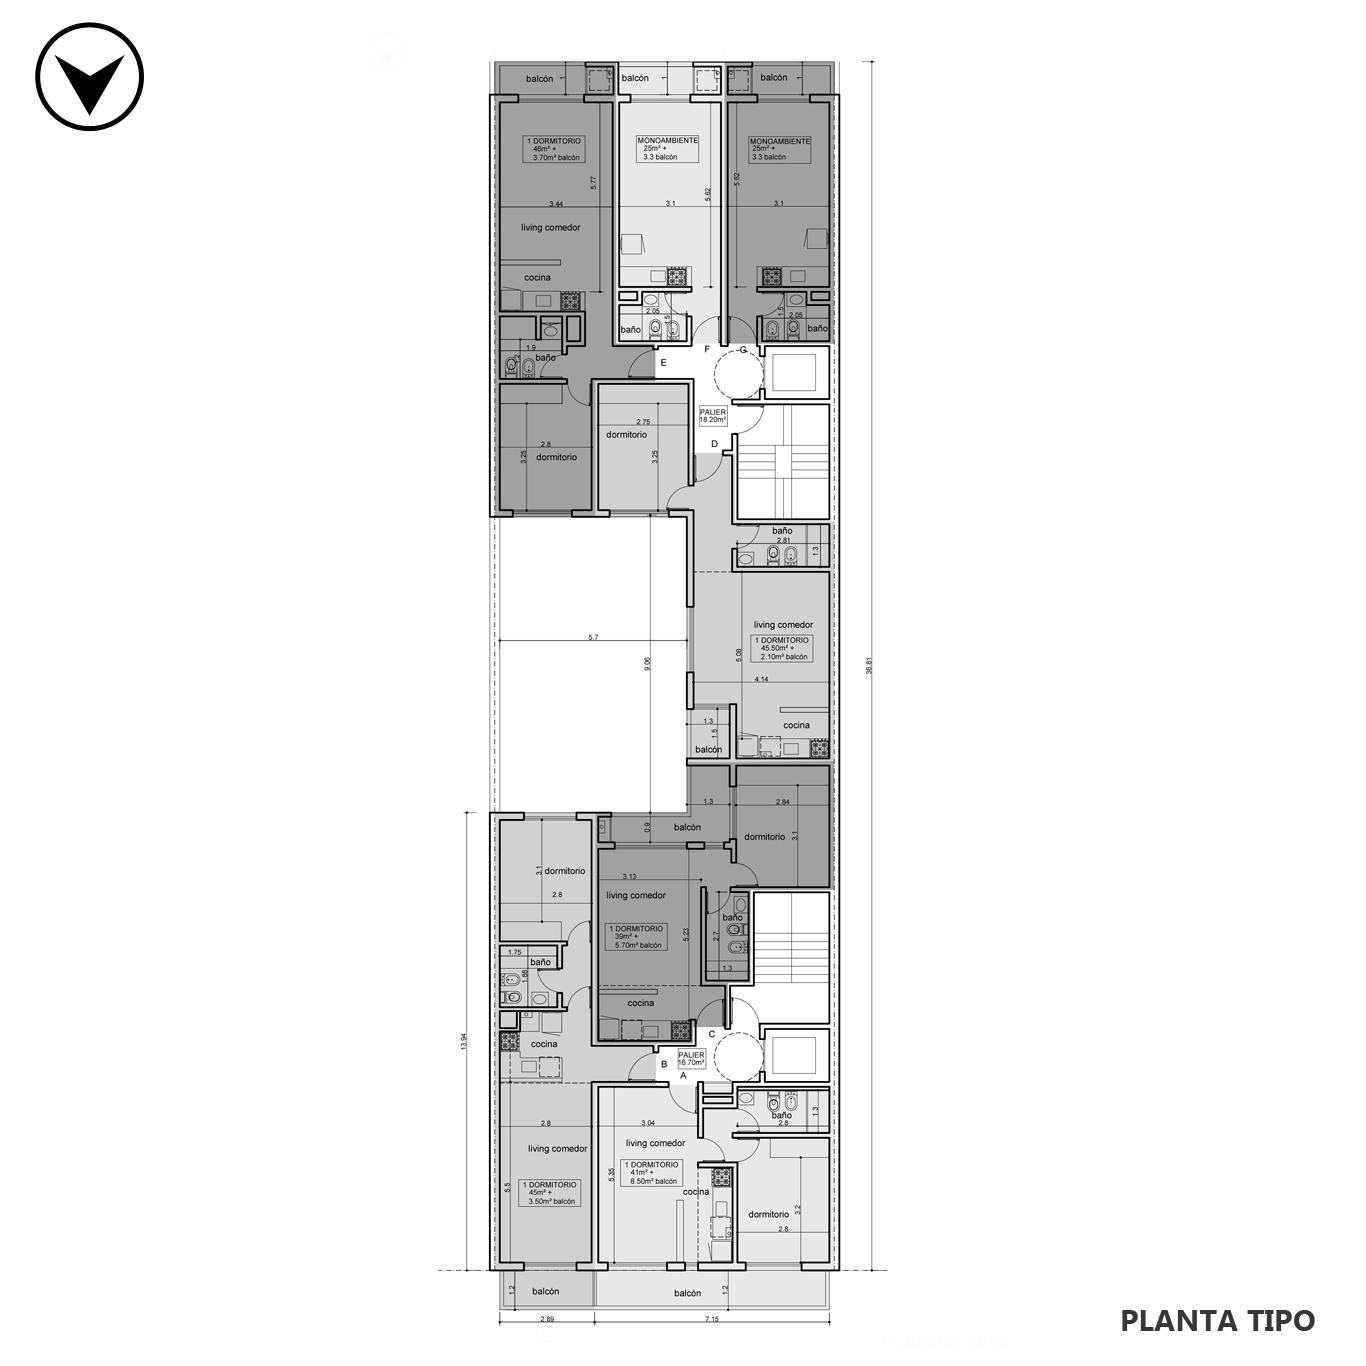 Venta departamento 1 dormitorio Rosario, Centro. Cod CBU24743 AP2301997. Crestale Propiedades